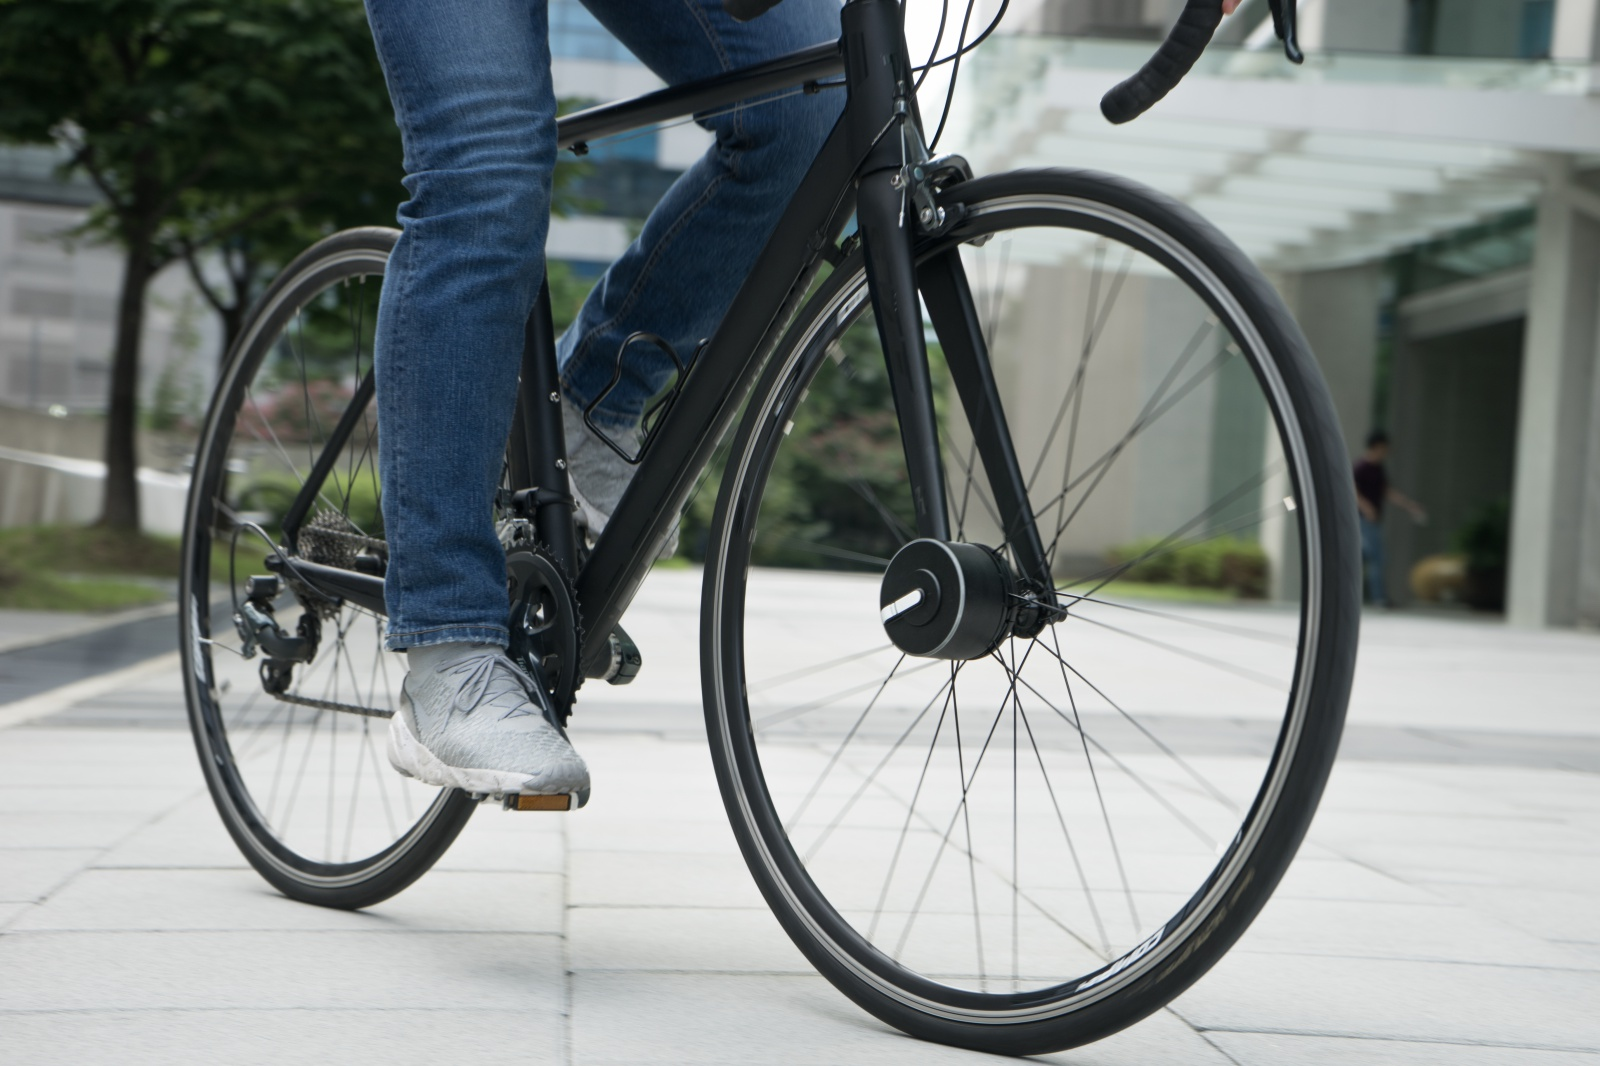 Bisecu soll leicht auf nahezu alle gängigen Fahrräder montierbar sein.